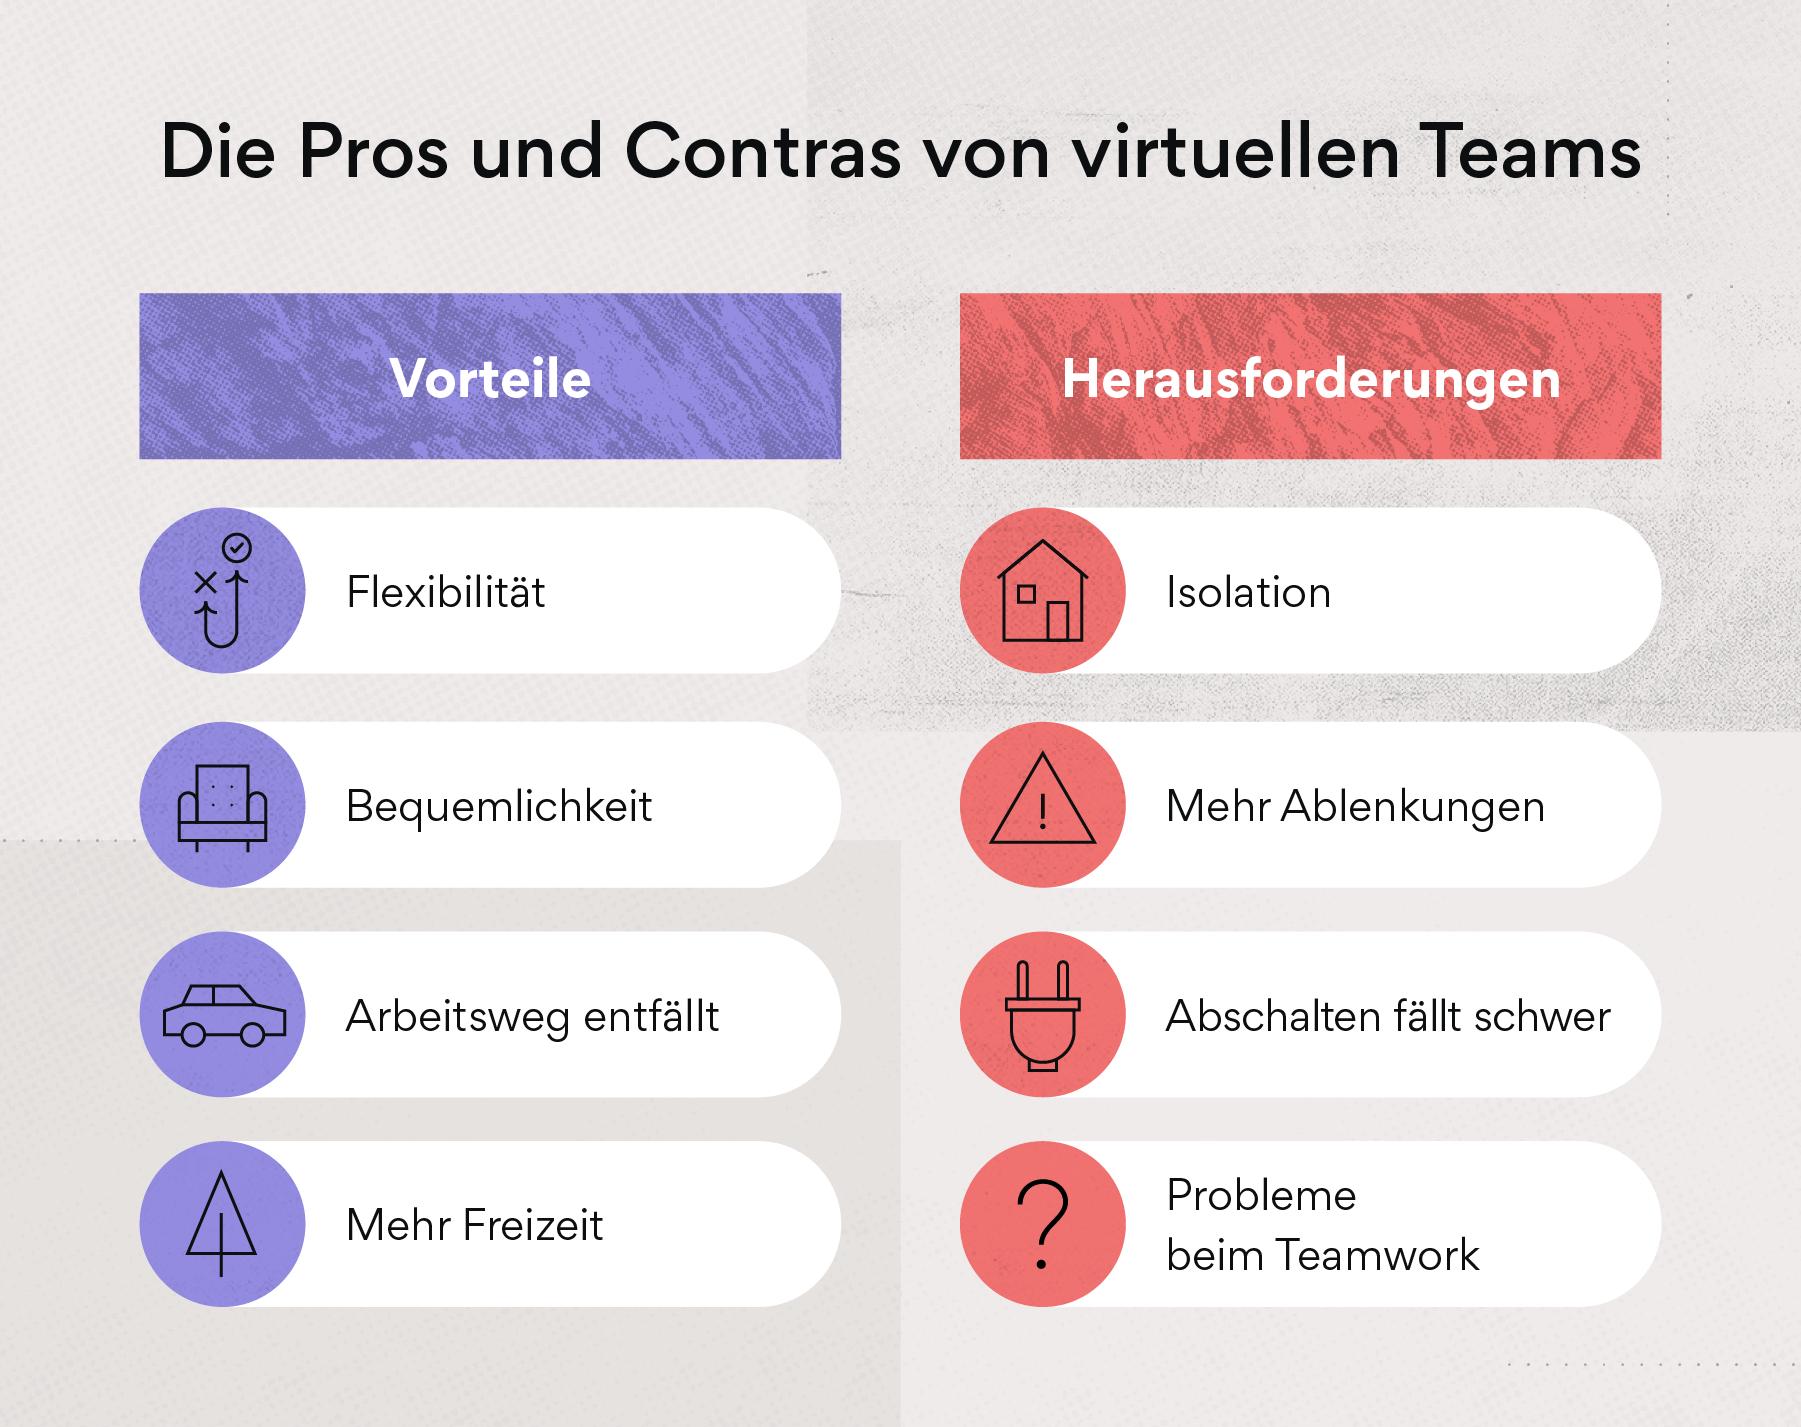 Vorteile und Herausforderungen von virtuellen Teams